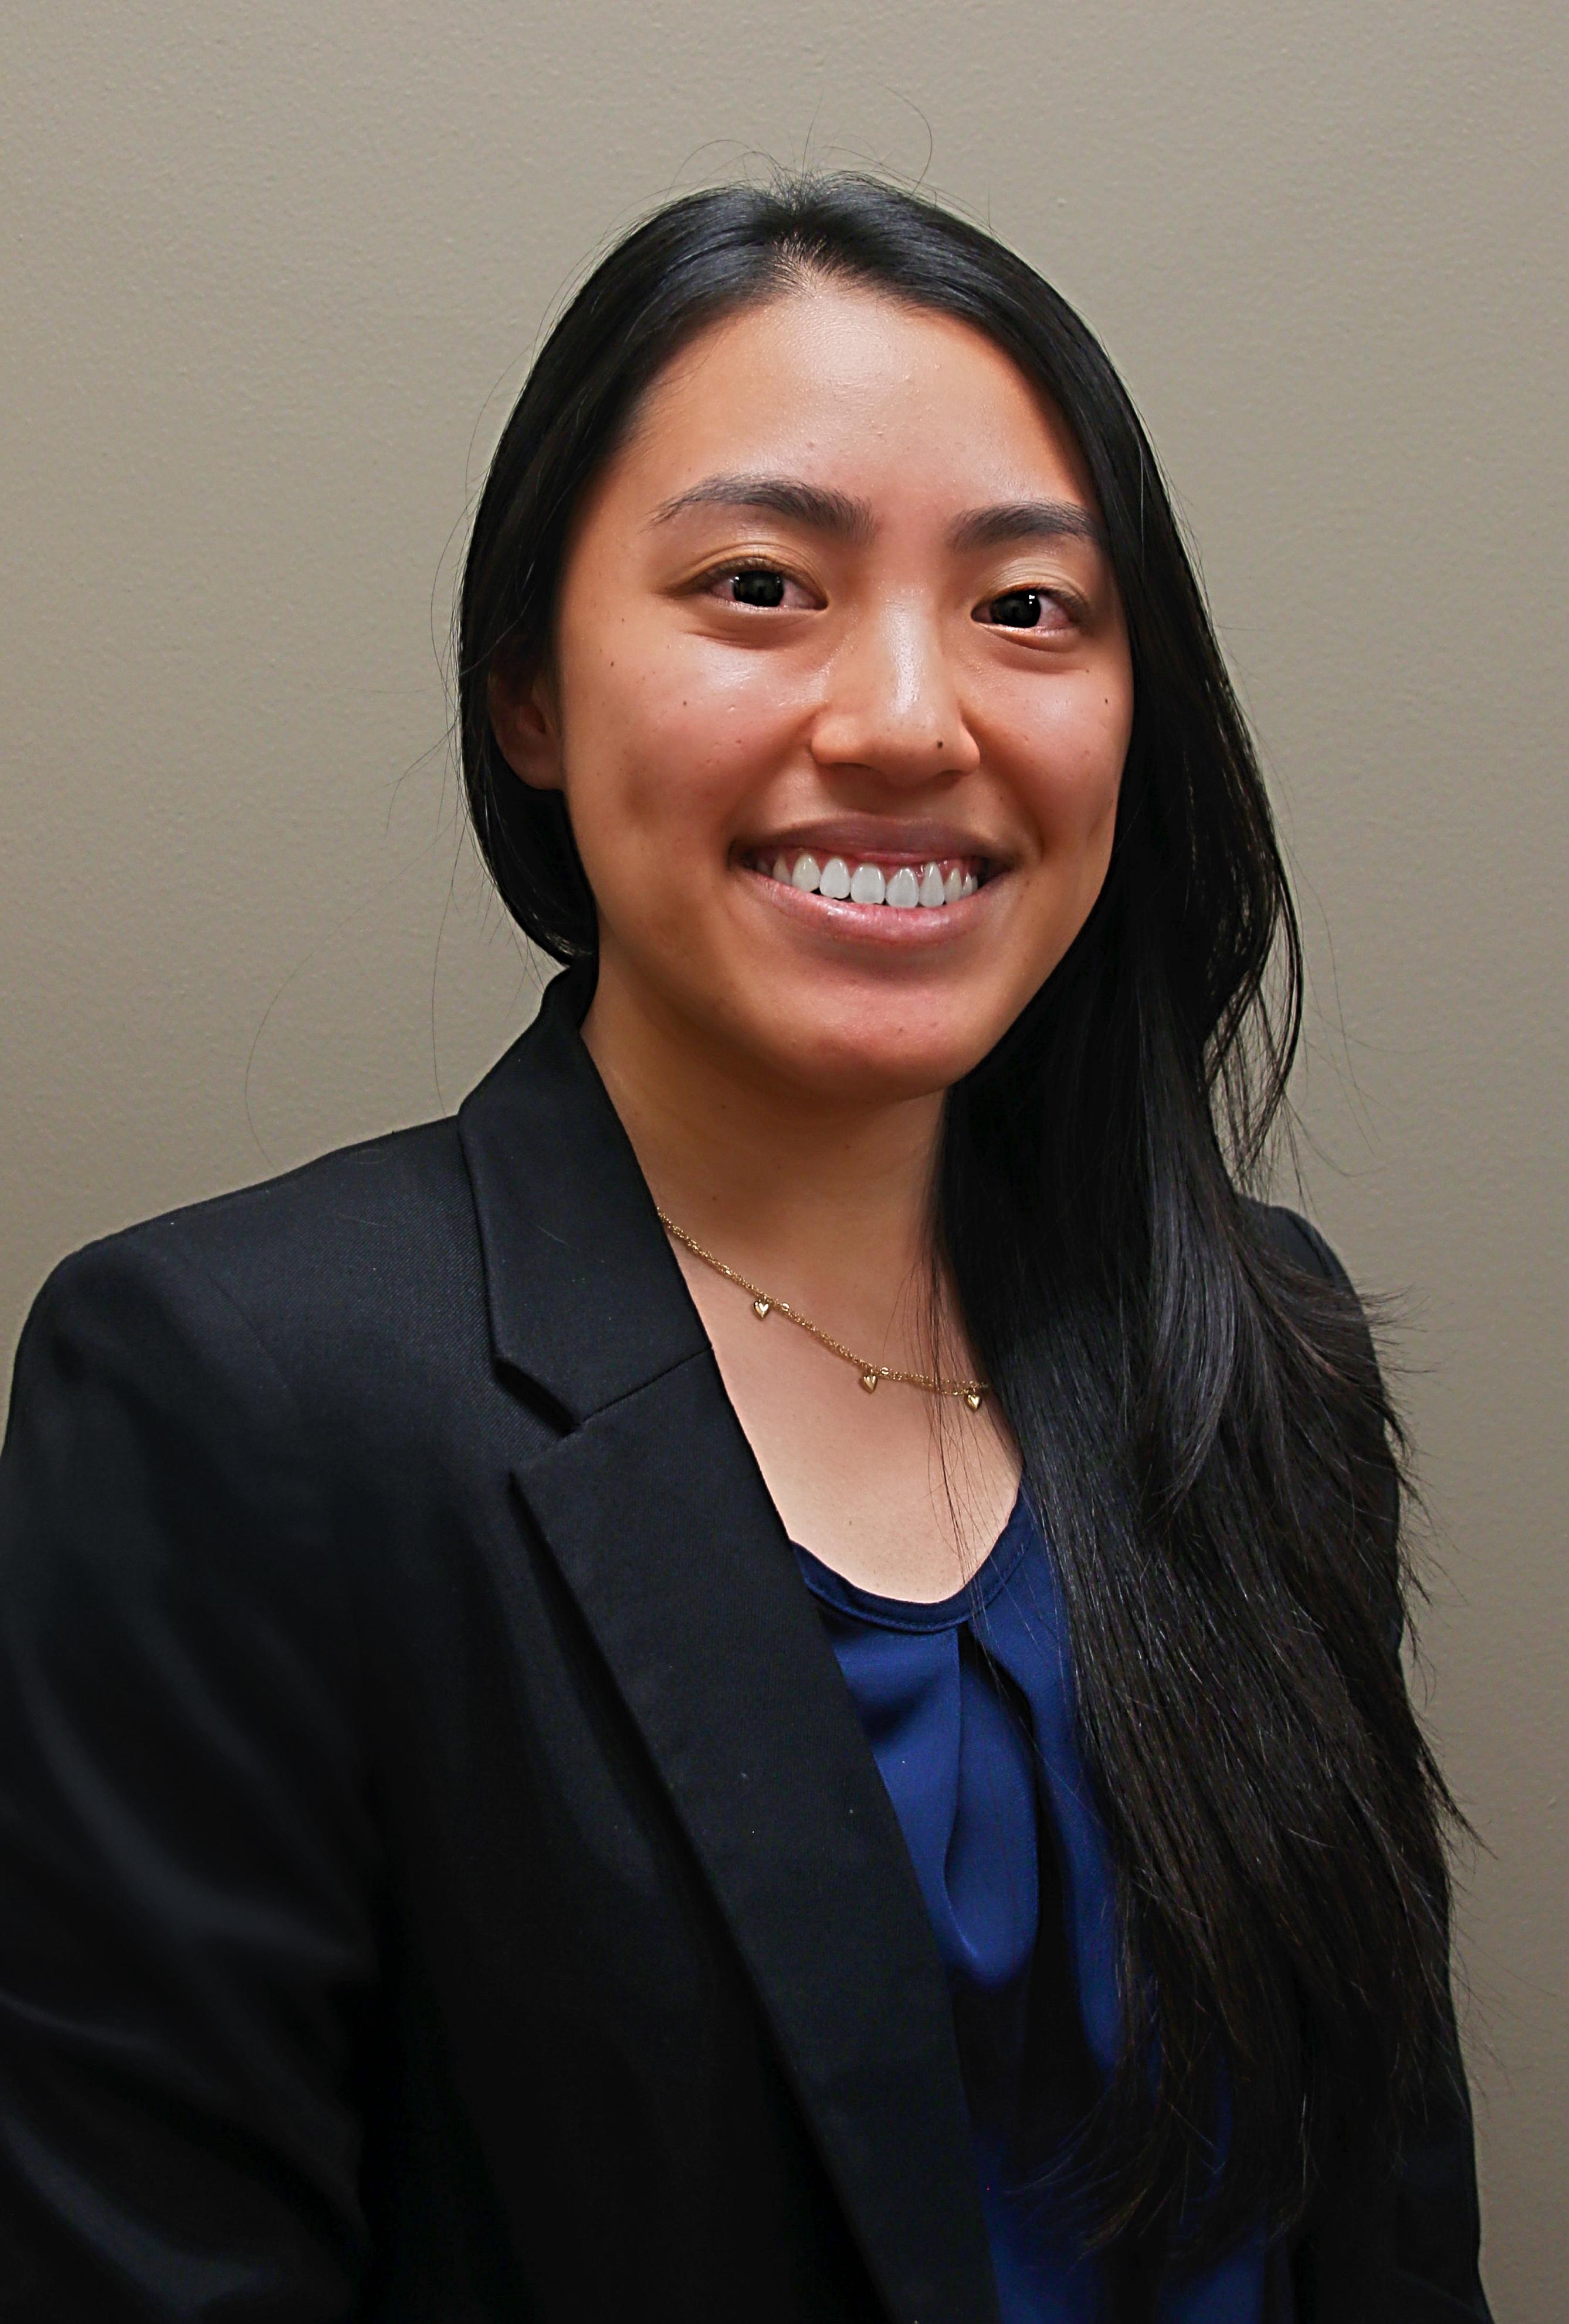 Janika Domingo